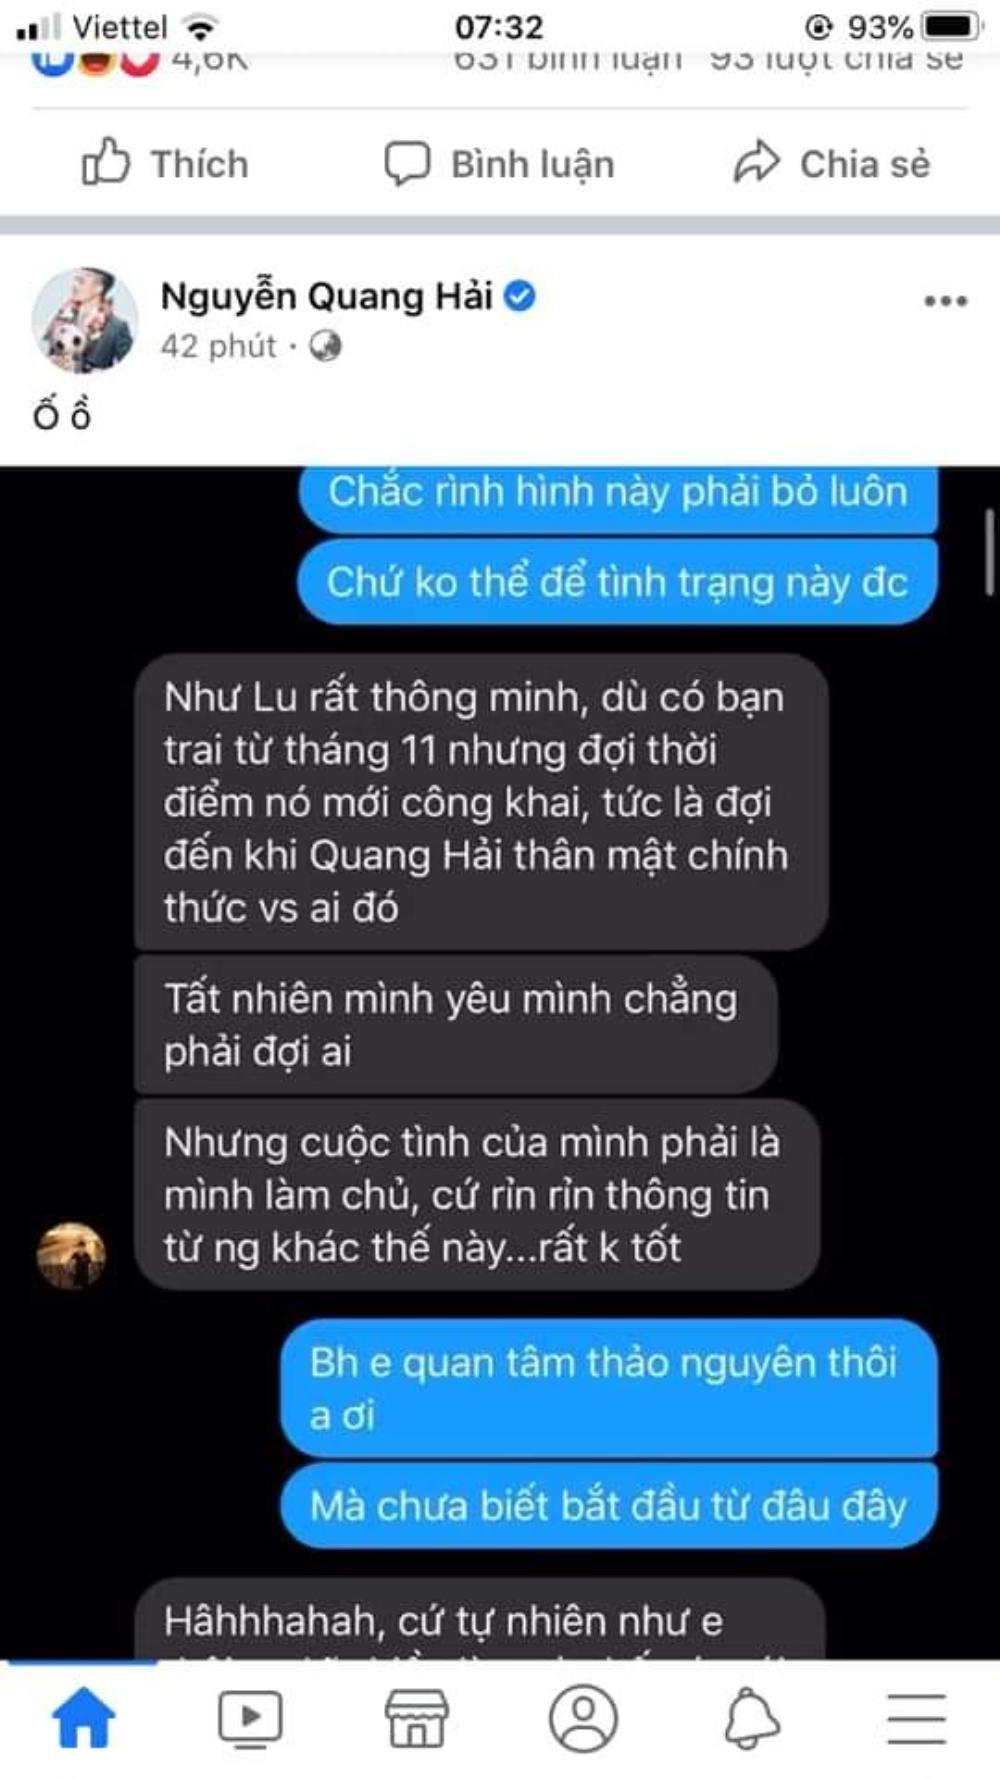 Drama Quang Hải khớp với Tiệc trăng máu đến bất ngờ: Cứ tưởng mình là kẻ chăn rau, ai ngờ lại là hạt đậu Ảnh 10